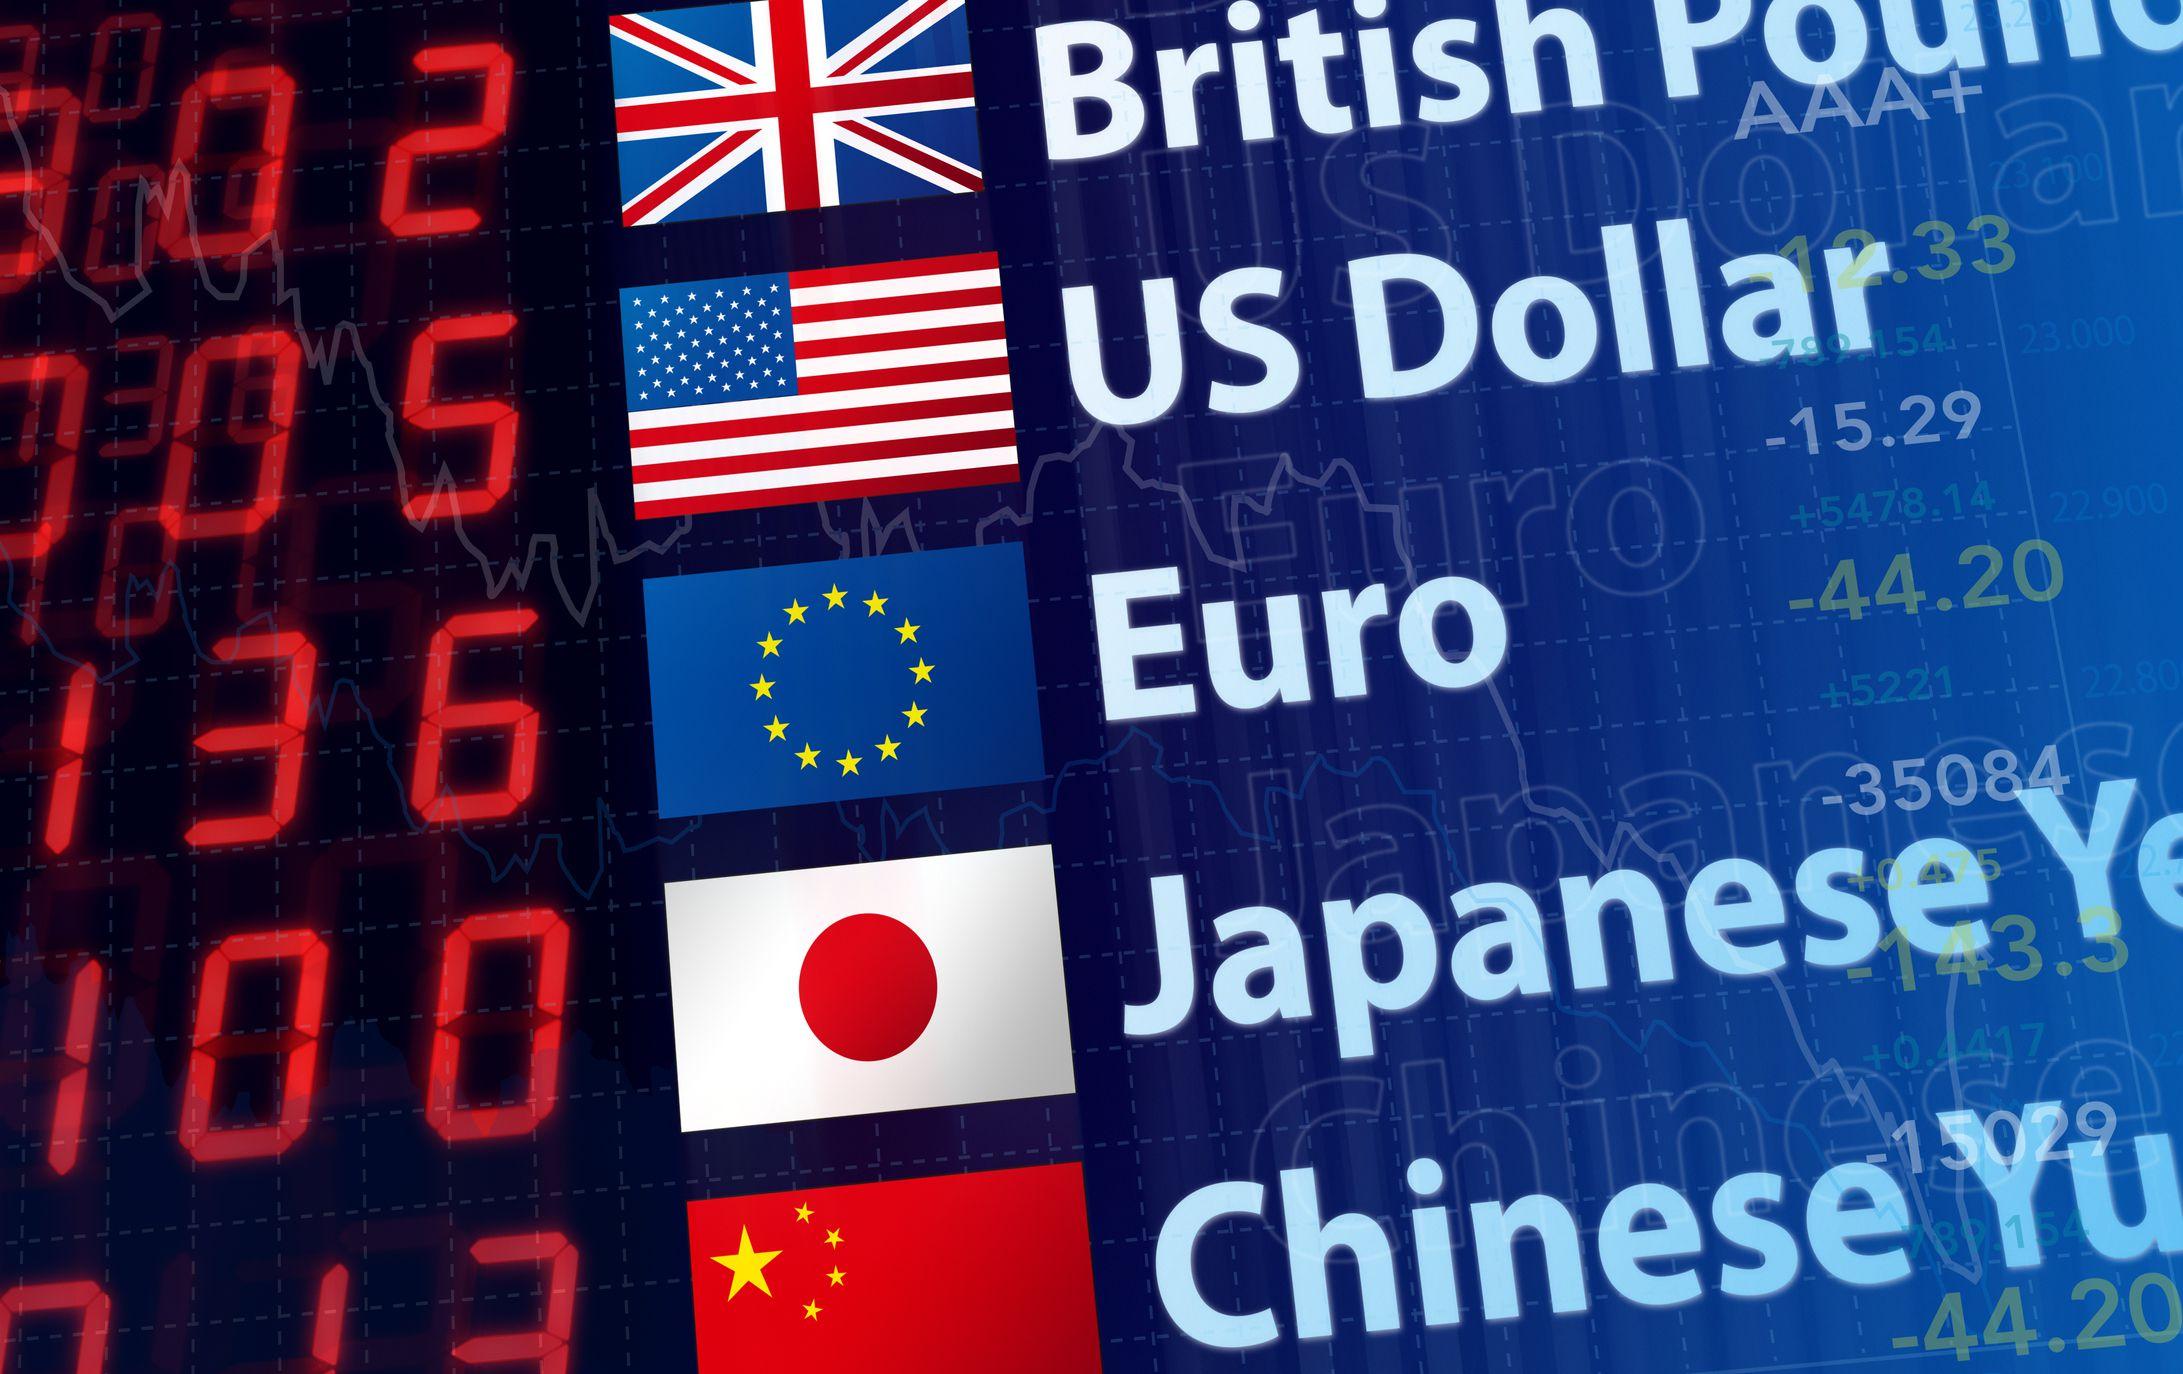 Sự kiện thị trường ngoại hối tuần này 22/3 - 26/3: Chủ tịch Fed điều trần, kinh tế Anh có dấu hiệu khởi sắc - Ảnh 1.